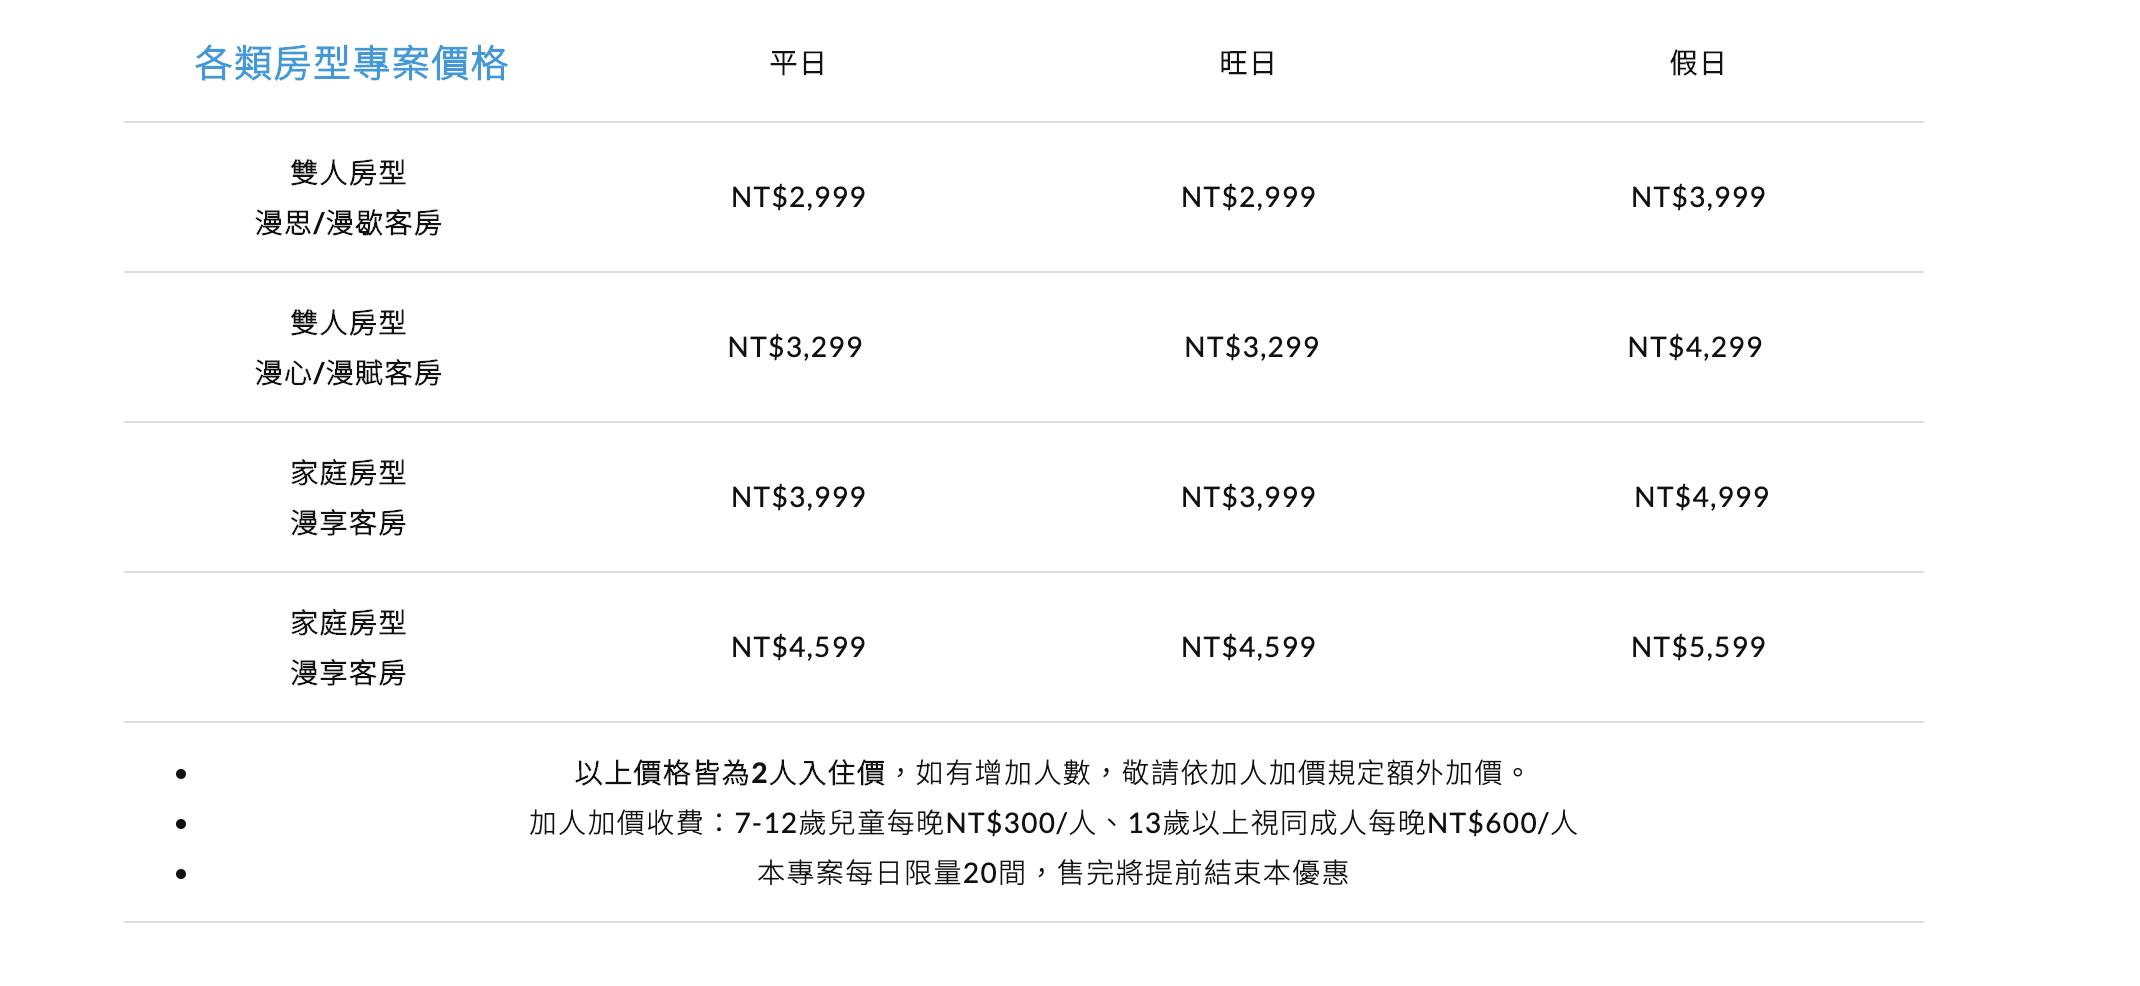 台南夏都城旅,3000住兩晚!去台南散步吧~5/12日,48小時優惠搶購,10點開搶,含早晚餐專案~